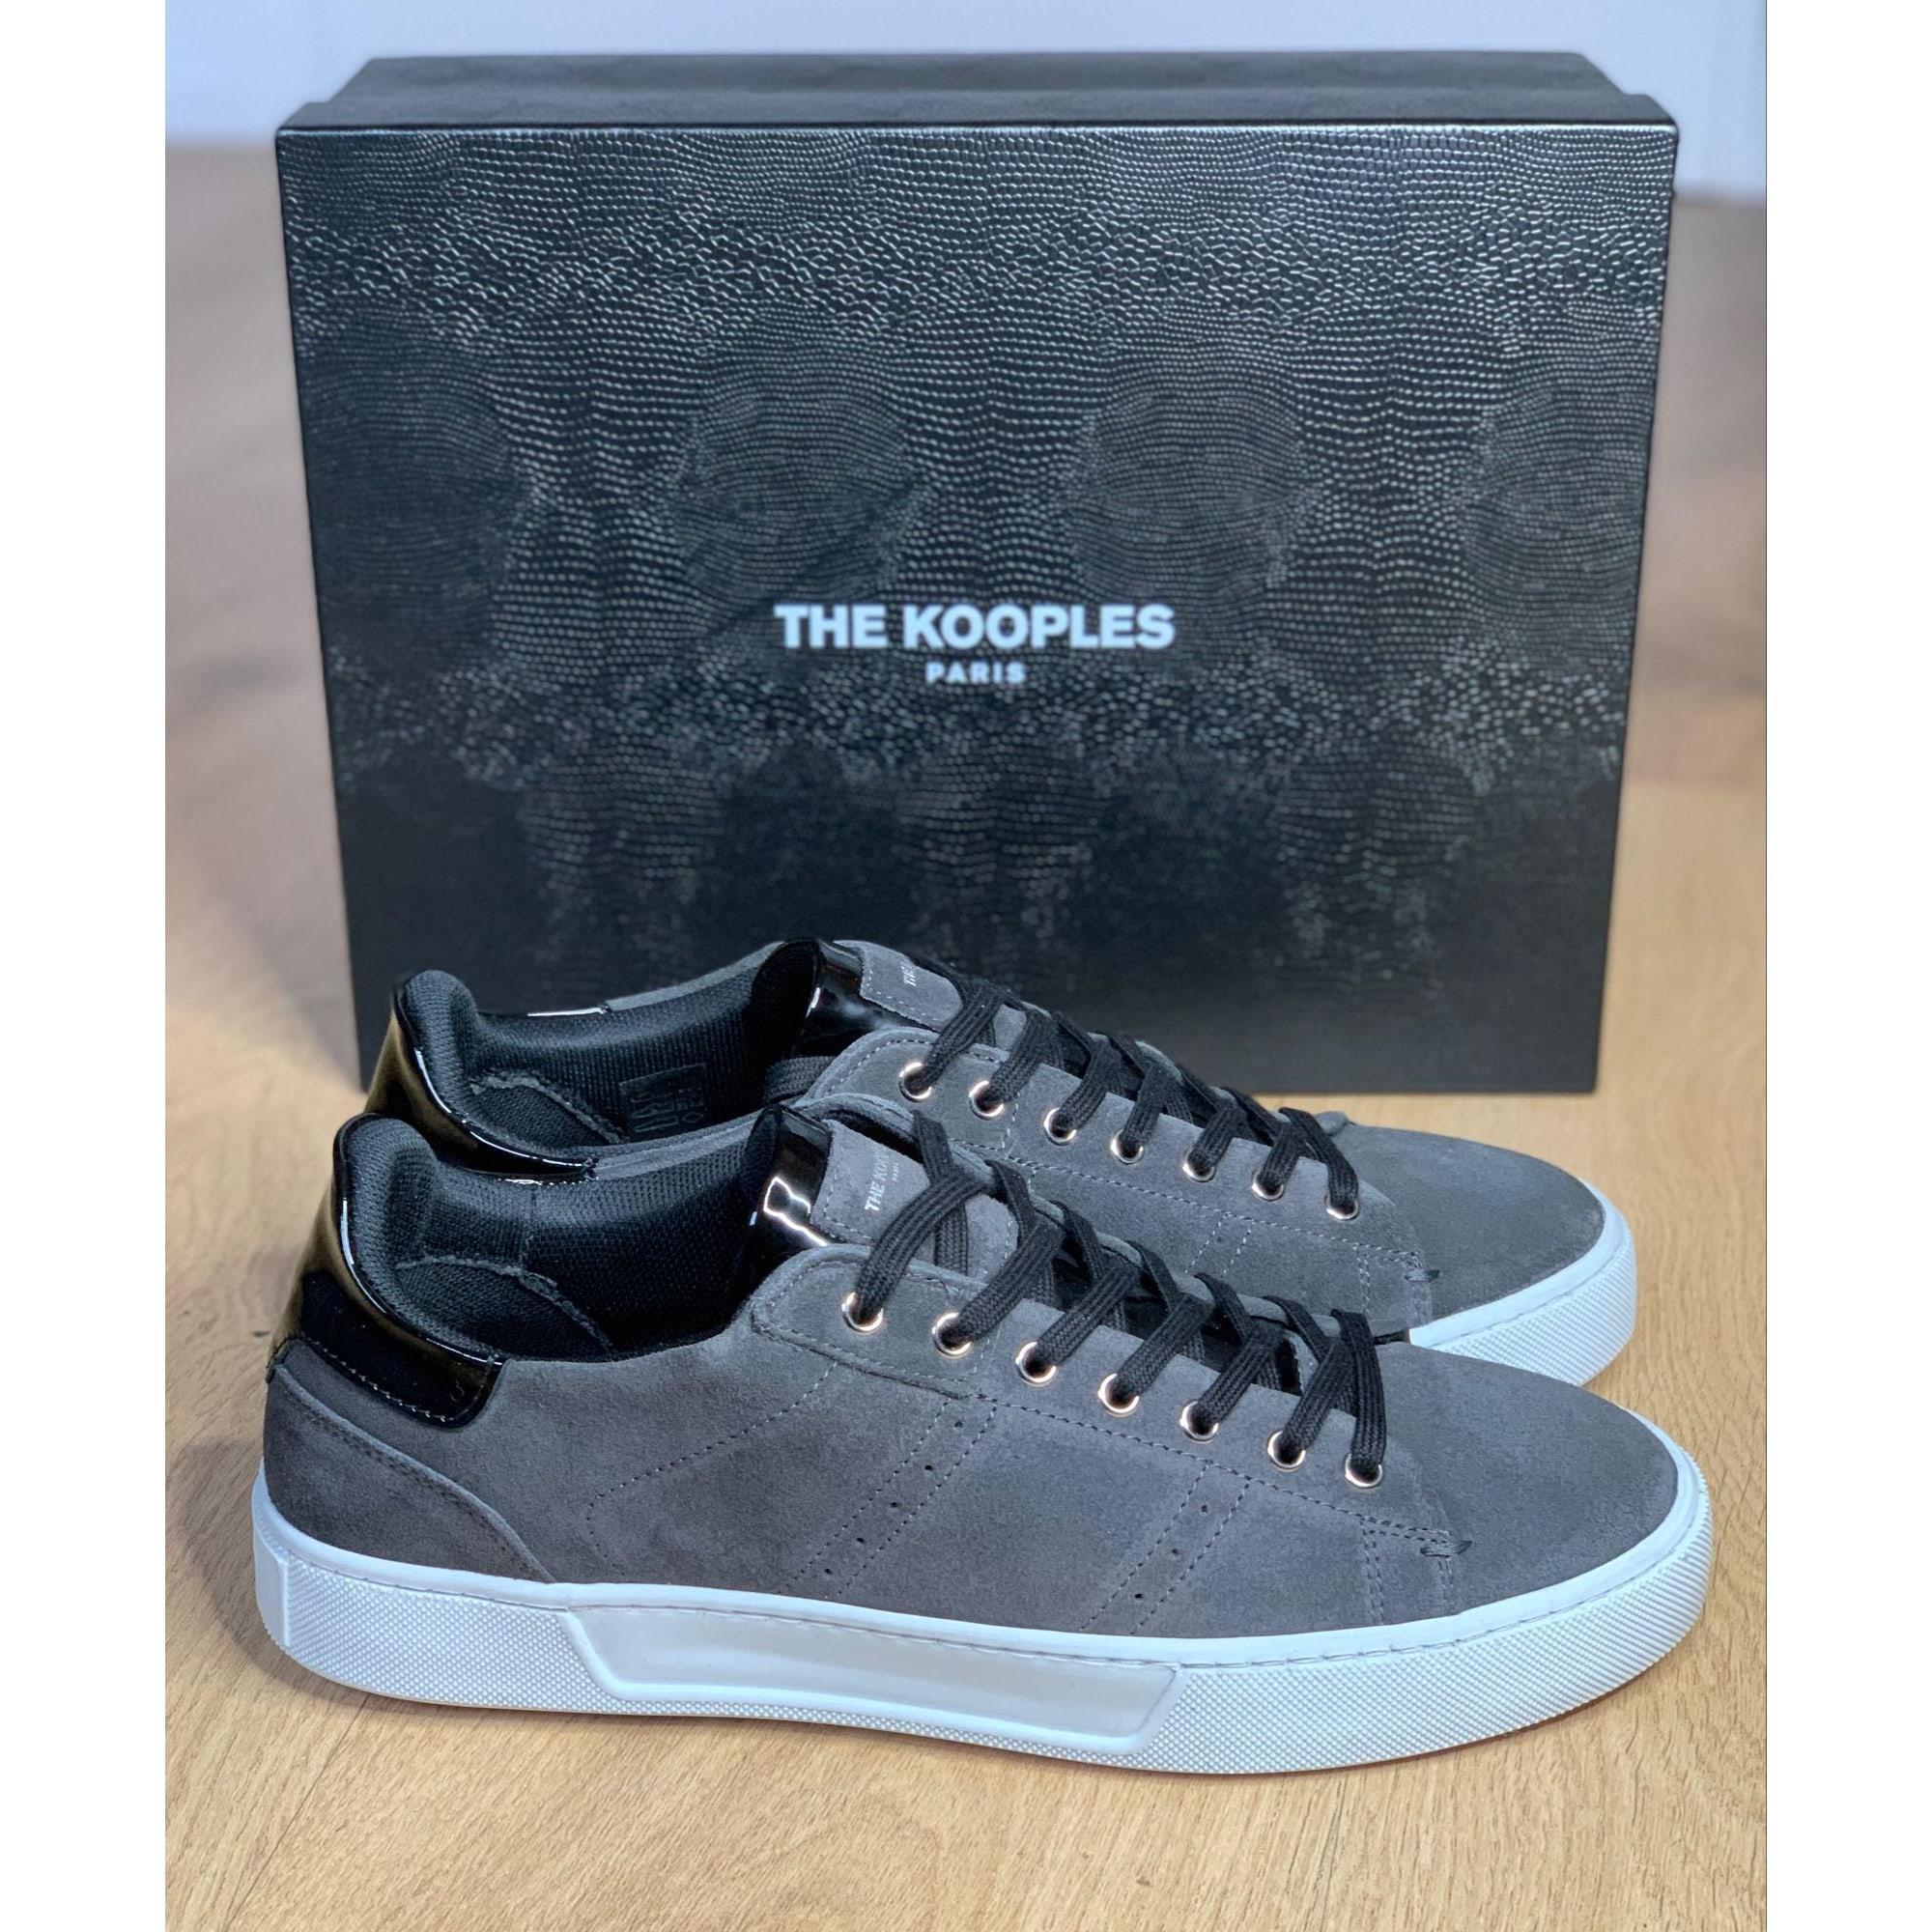 Sneakers THE KOOPLES Grau, anthrazit